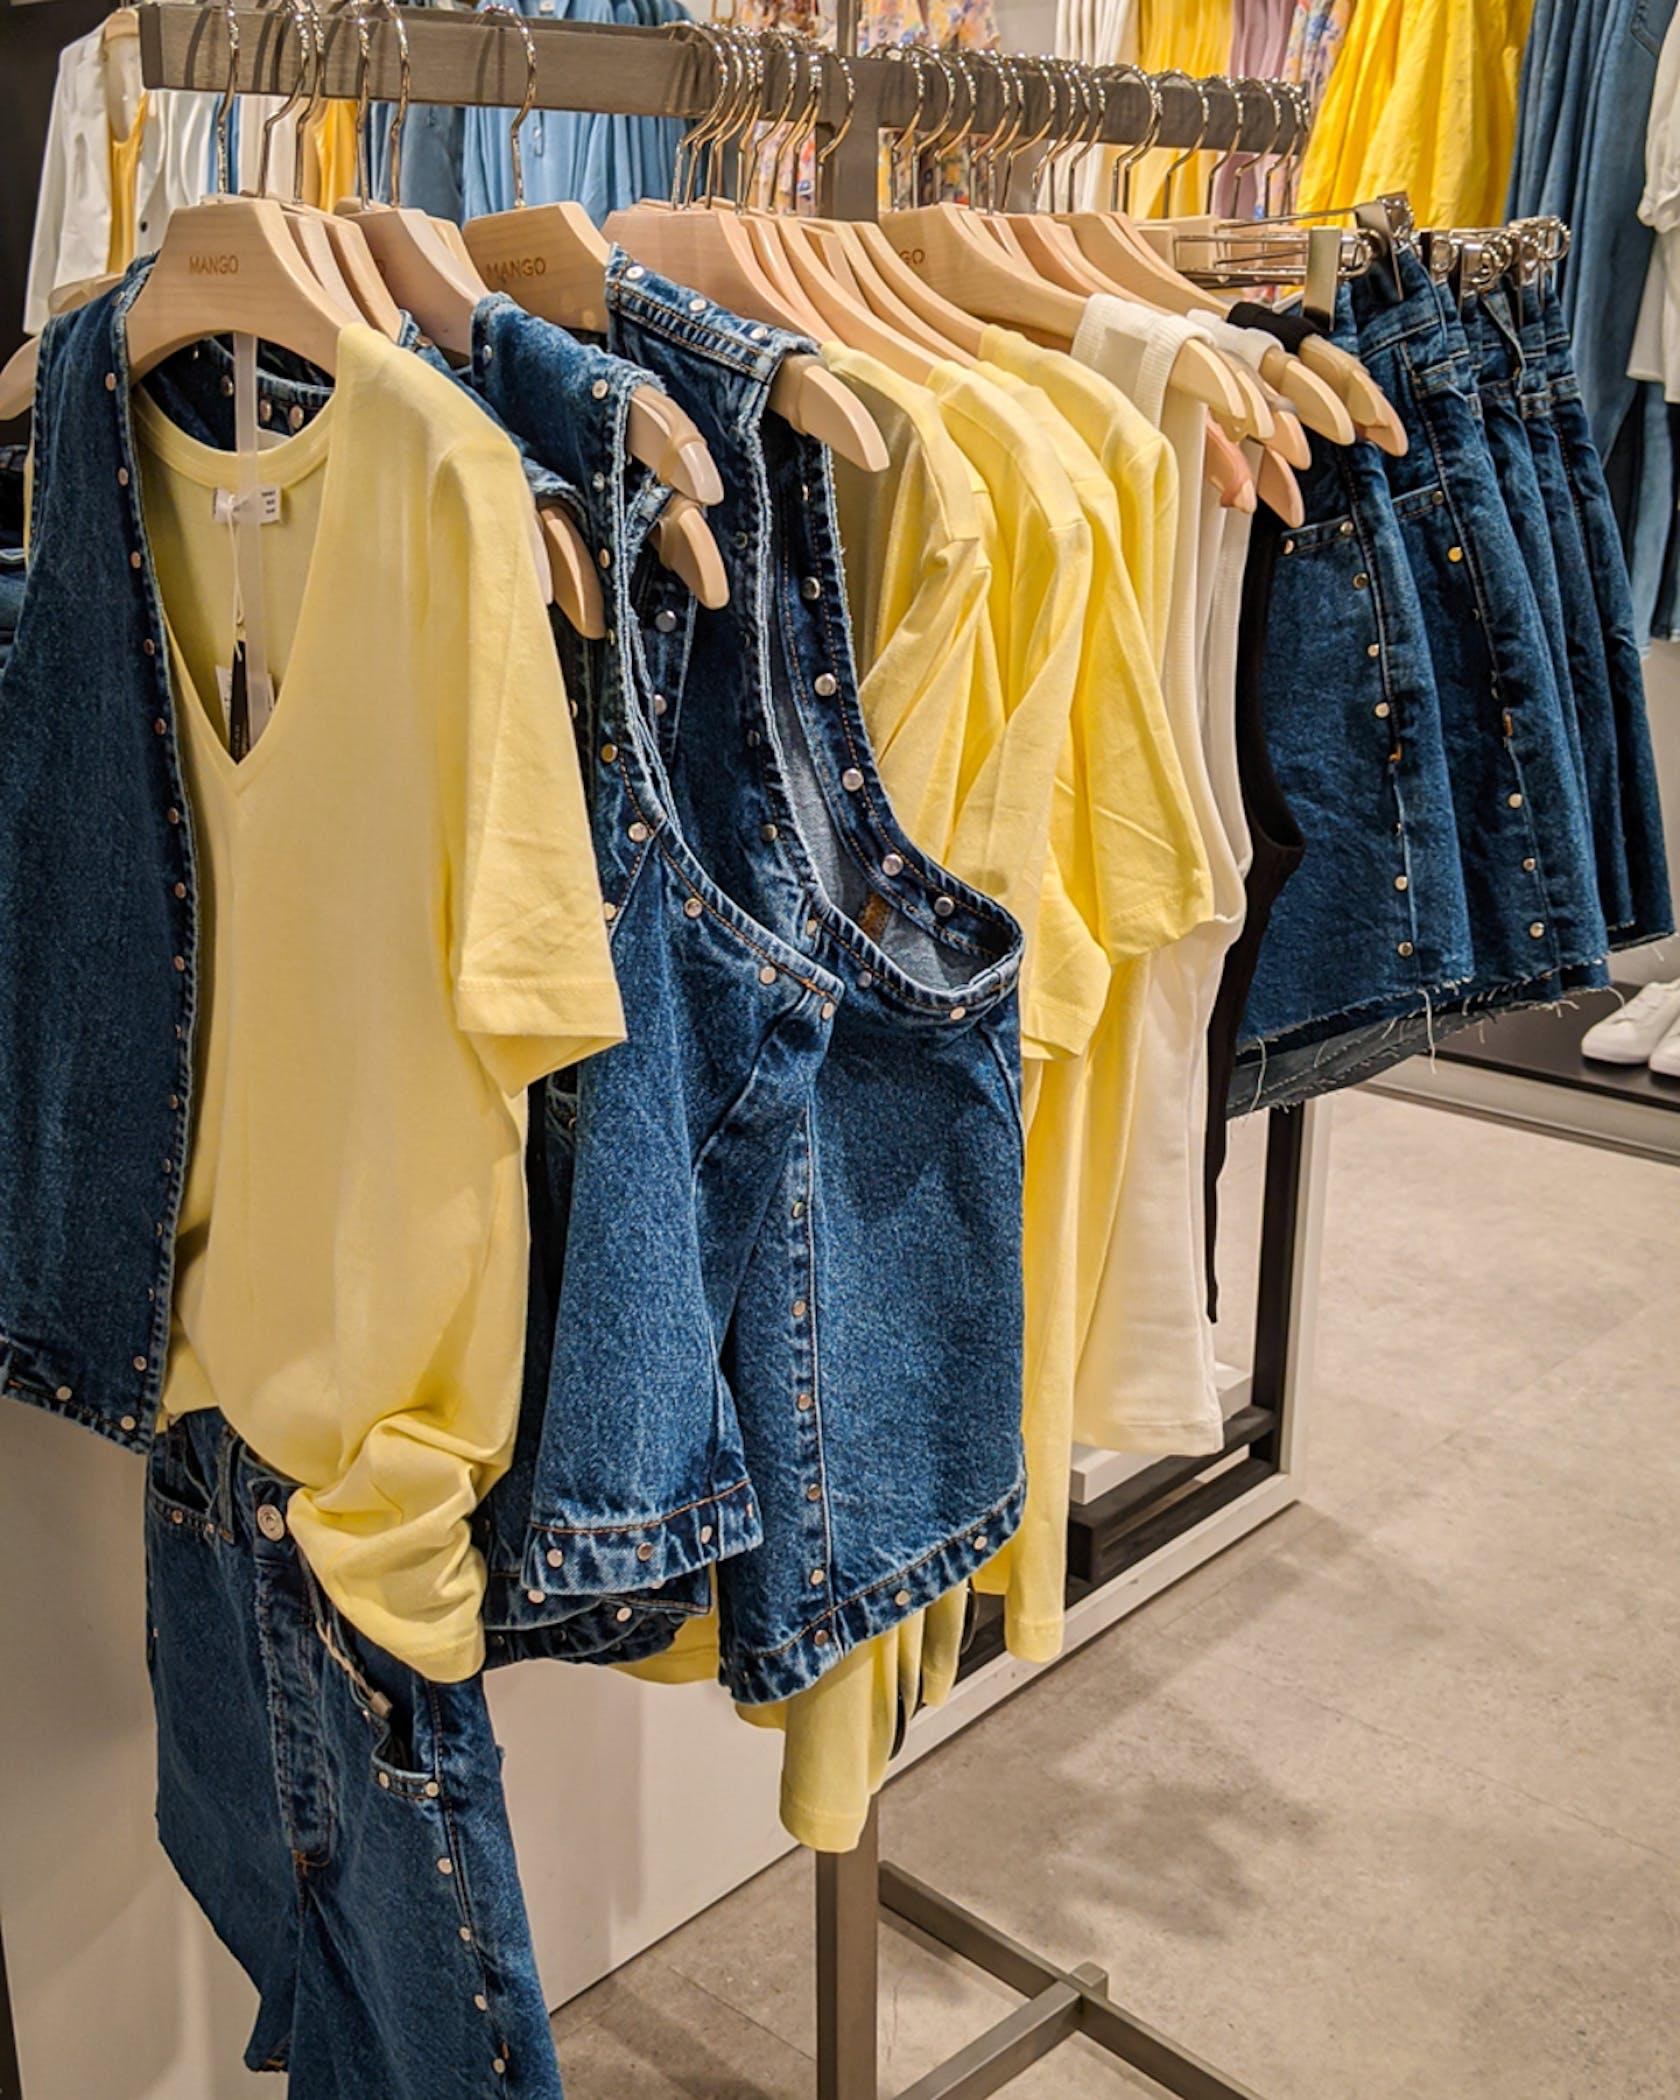 Jeanswesten, Shorts und gelbe Shirts auf einer Kleiderstange